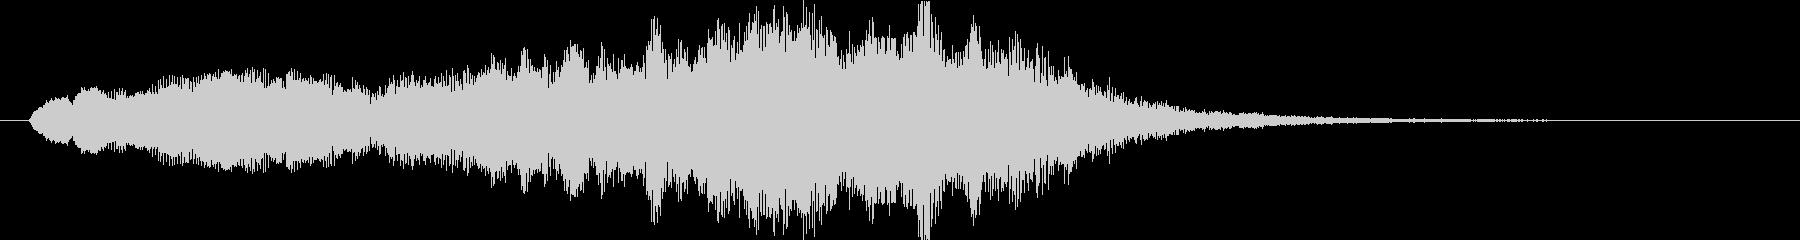 中世 ジングルオーケストラポジティブ03の未再生の波形